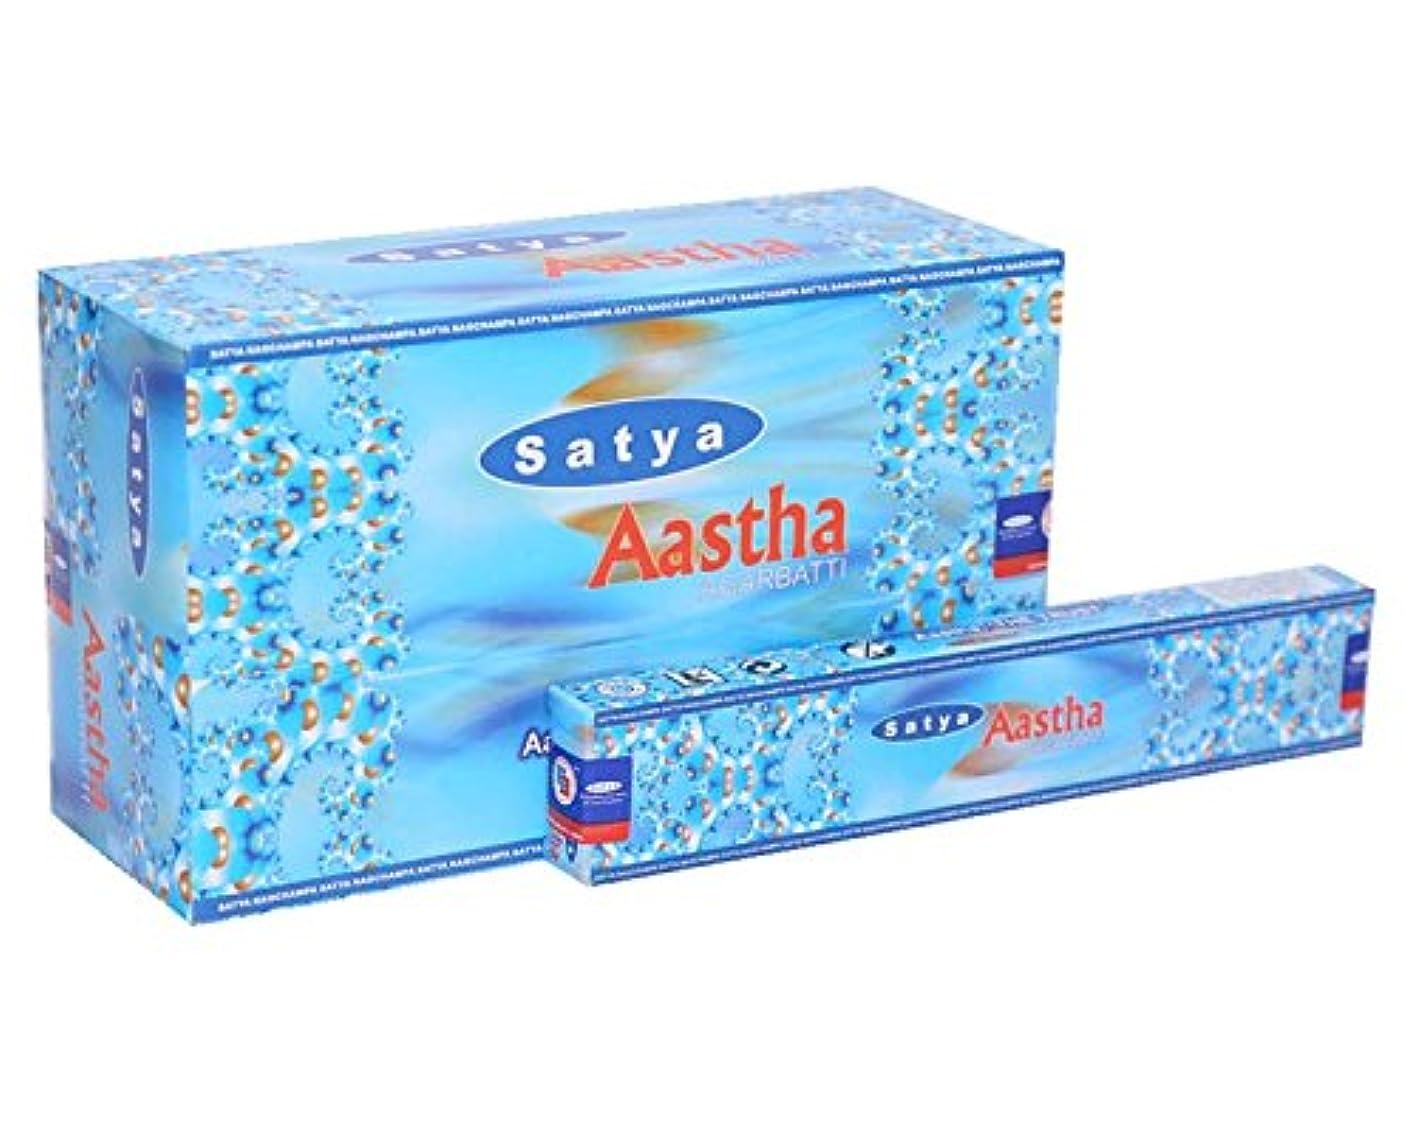 トーナメント提出するひばりSatya Aastha Incense Sticksボックス15グラムパック、12カウントin aボックス